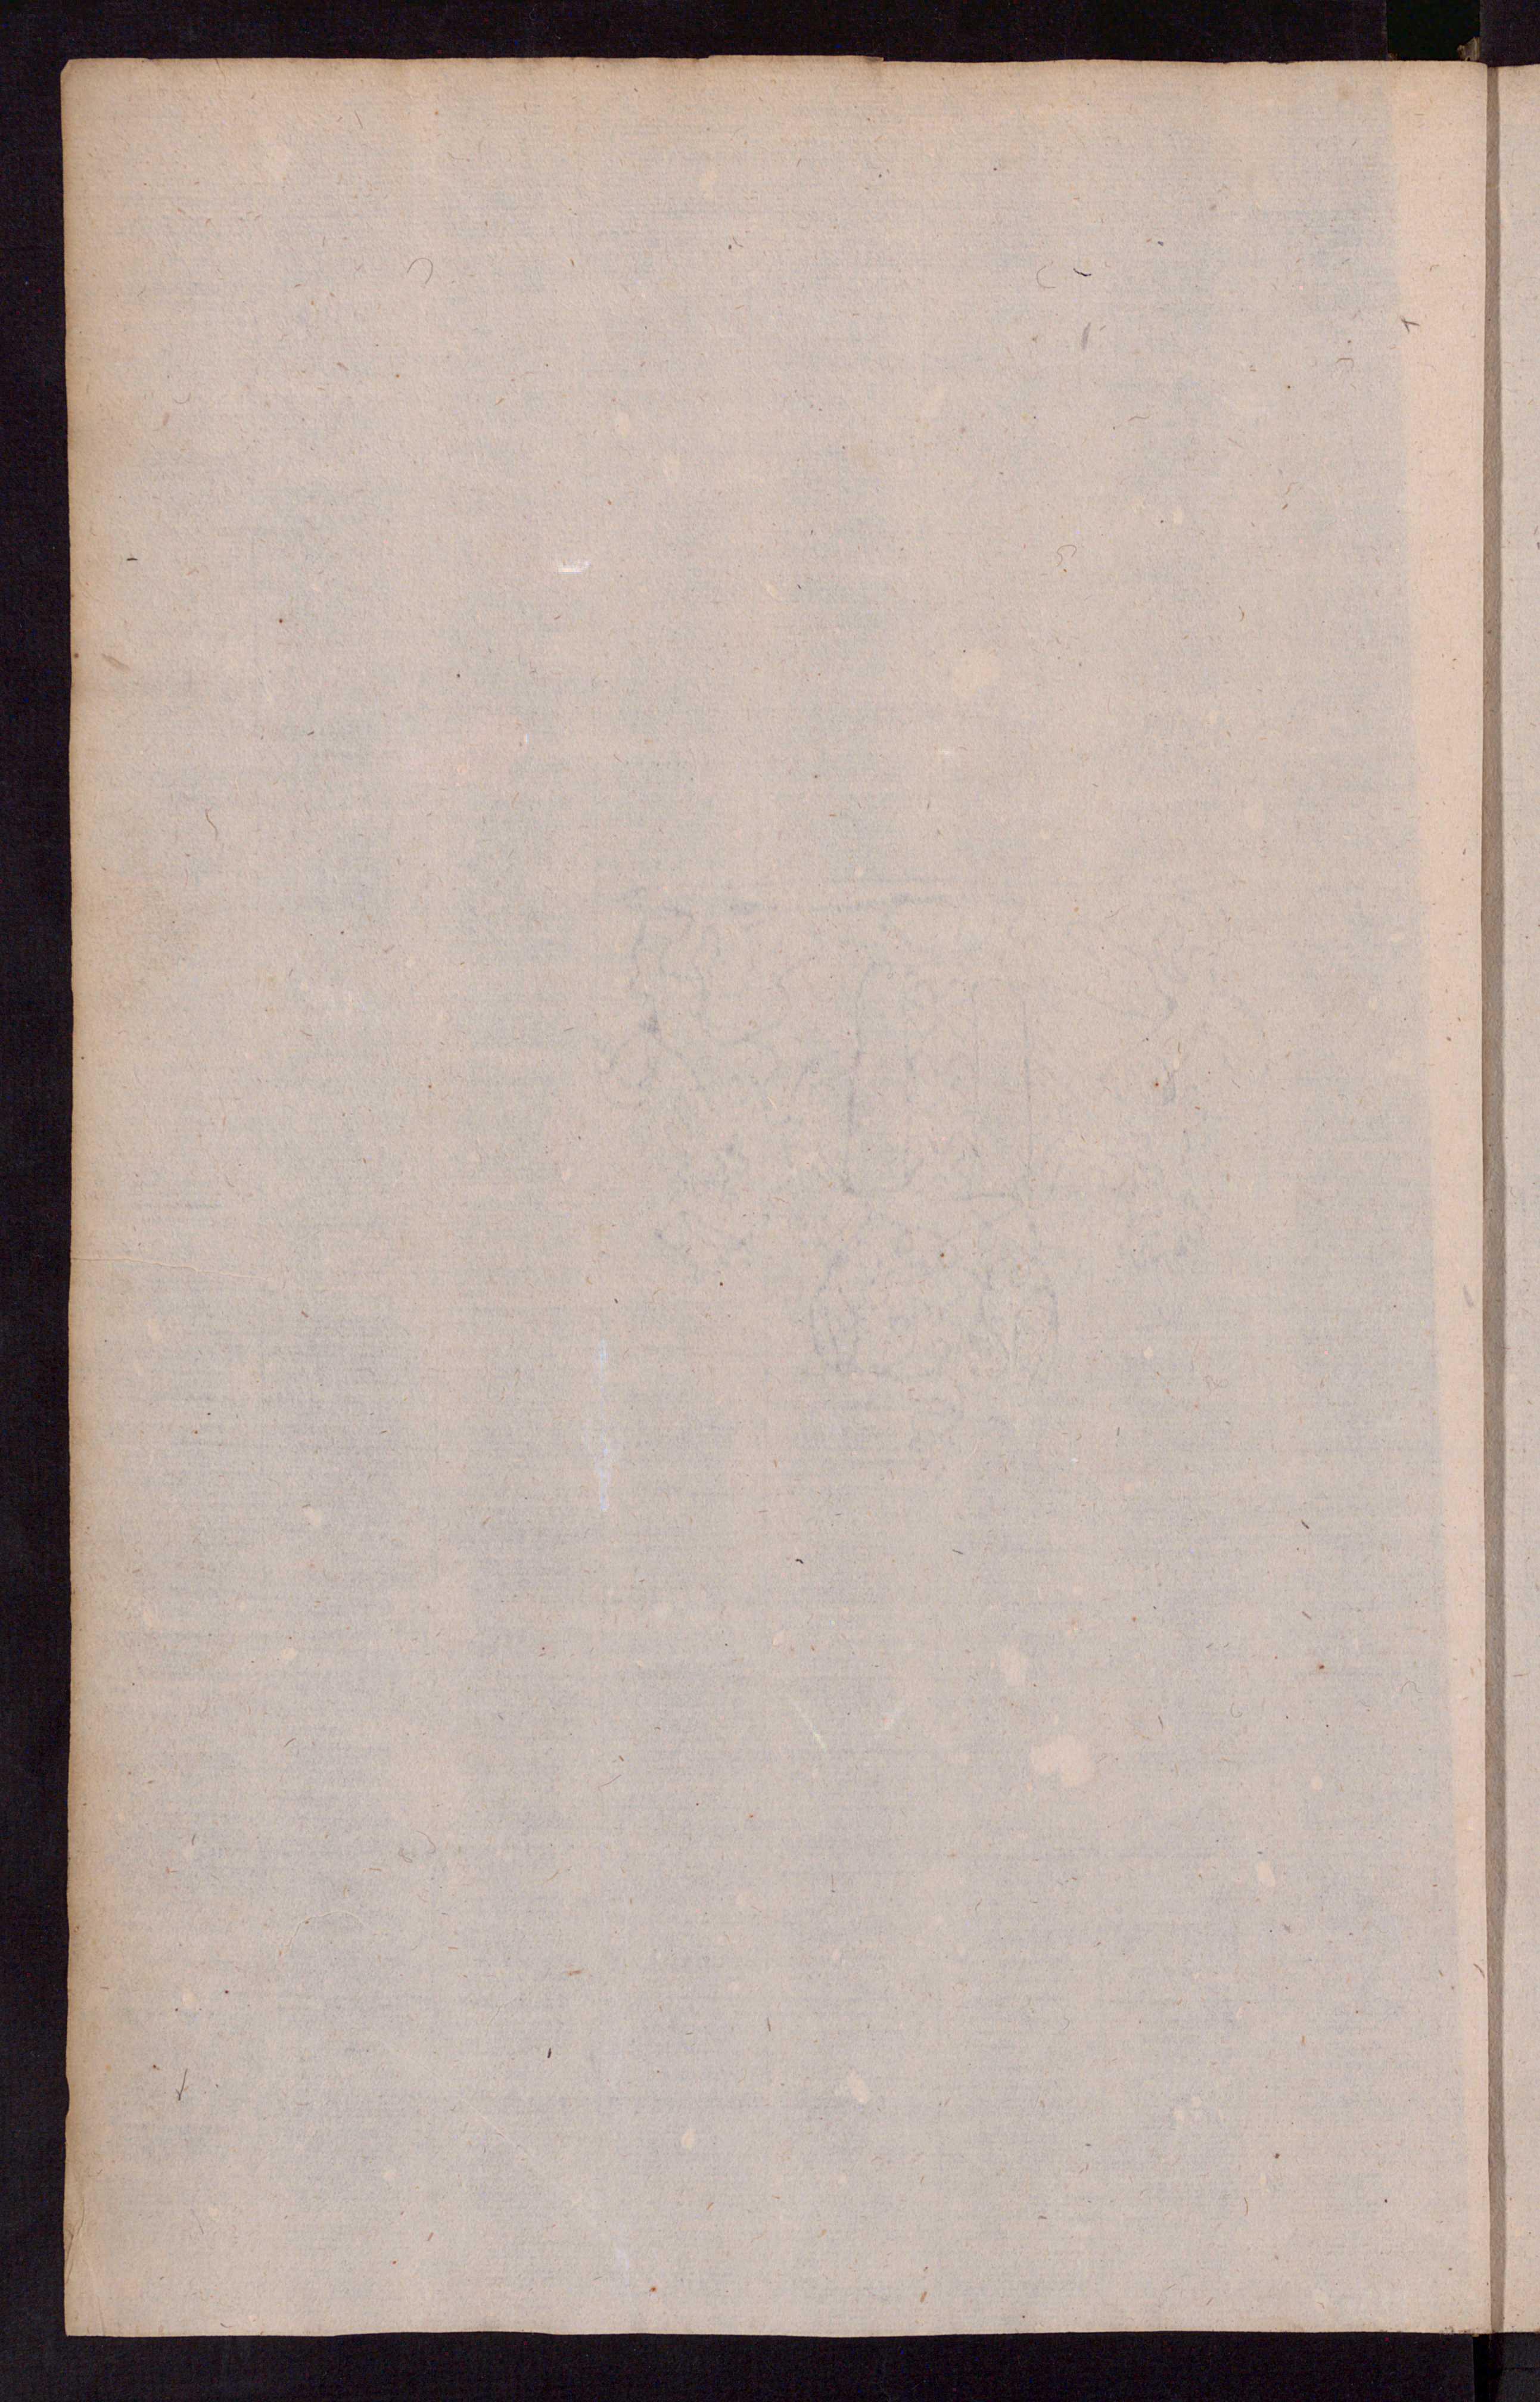 AM 141 fol - 9903v-RF